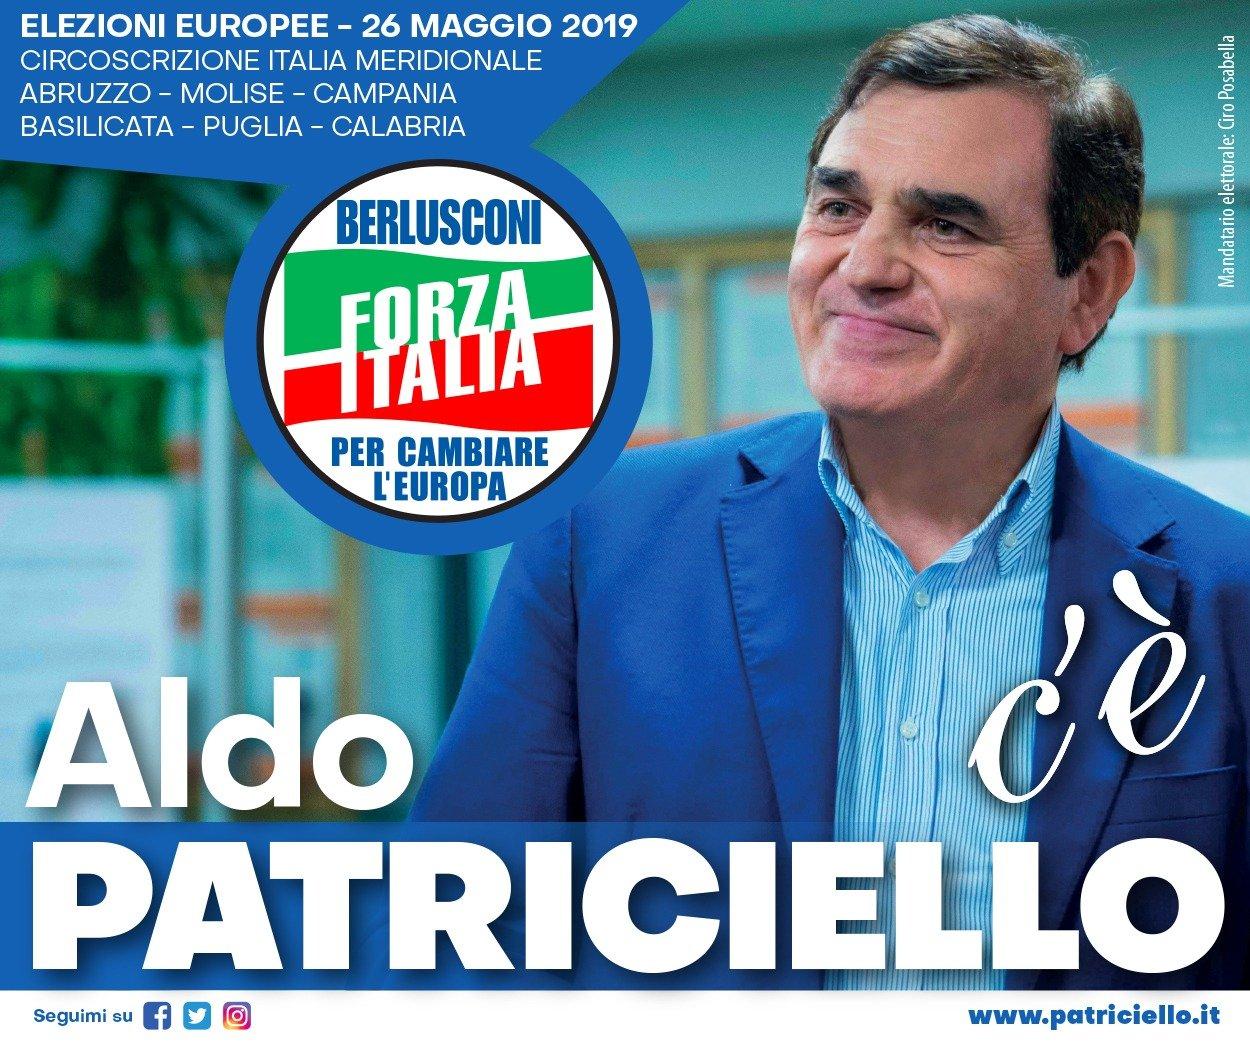 Aldo Patriciello - Elezioni Europee 2019